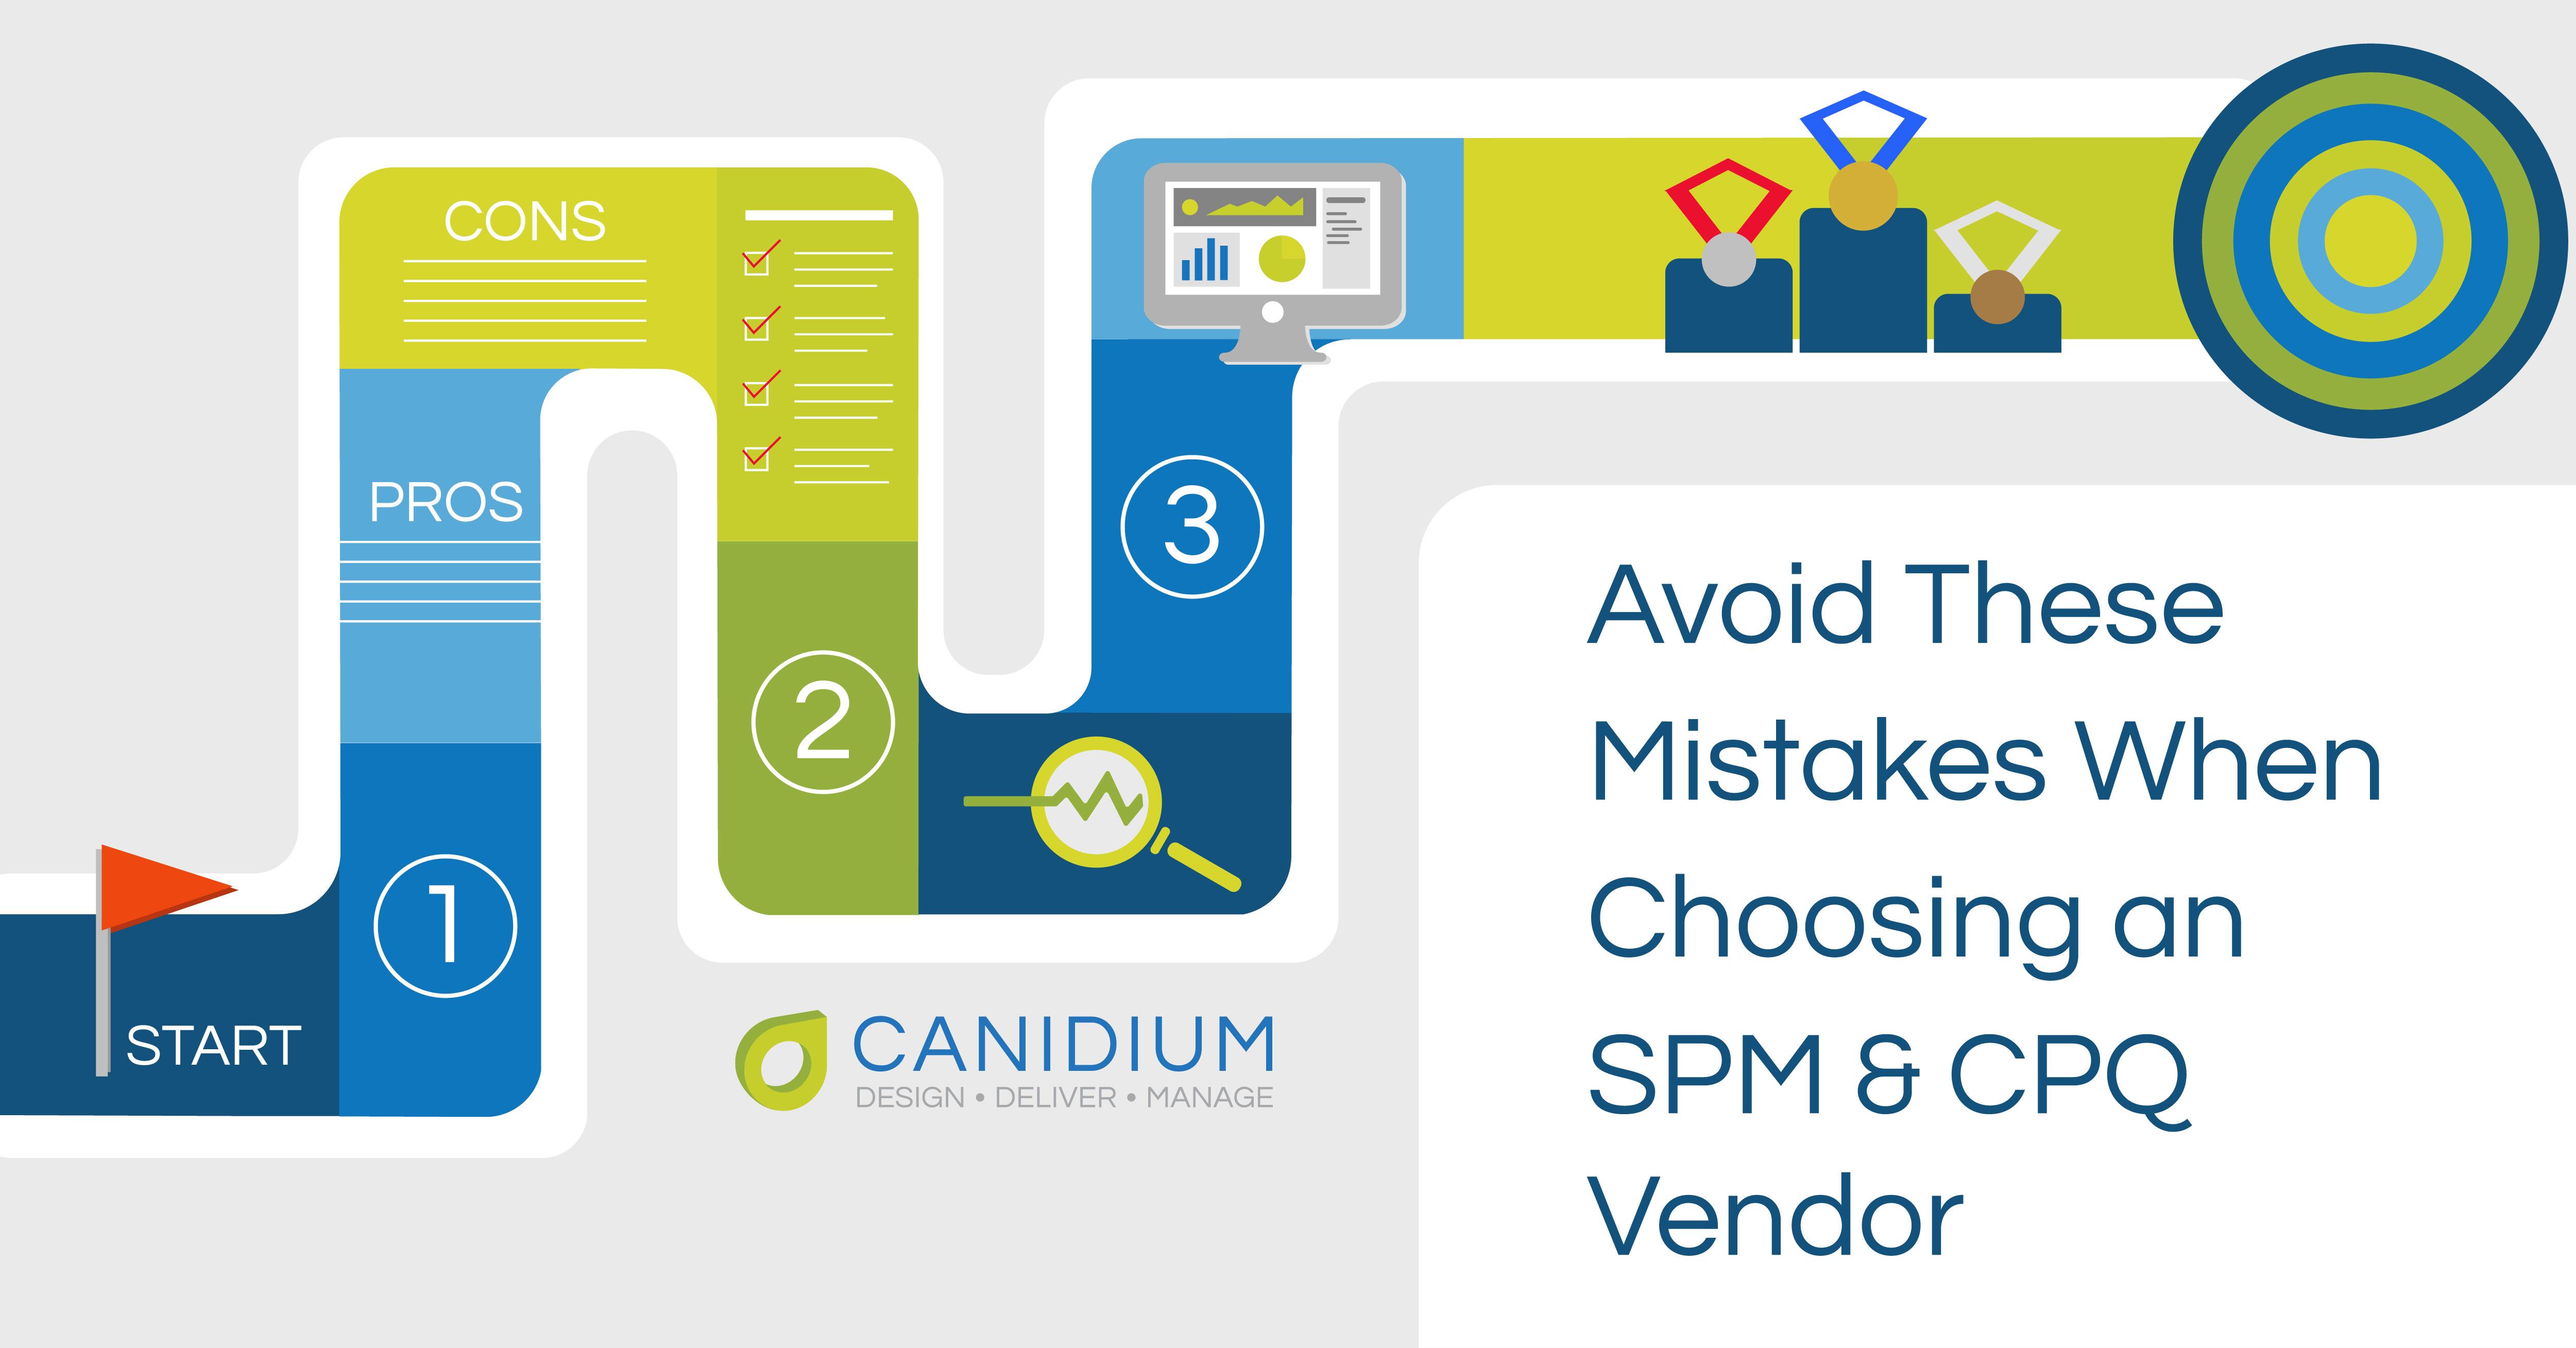 Avoid These Mistakes When Choosing an SPM or CPQ Vendor